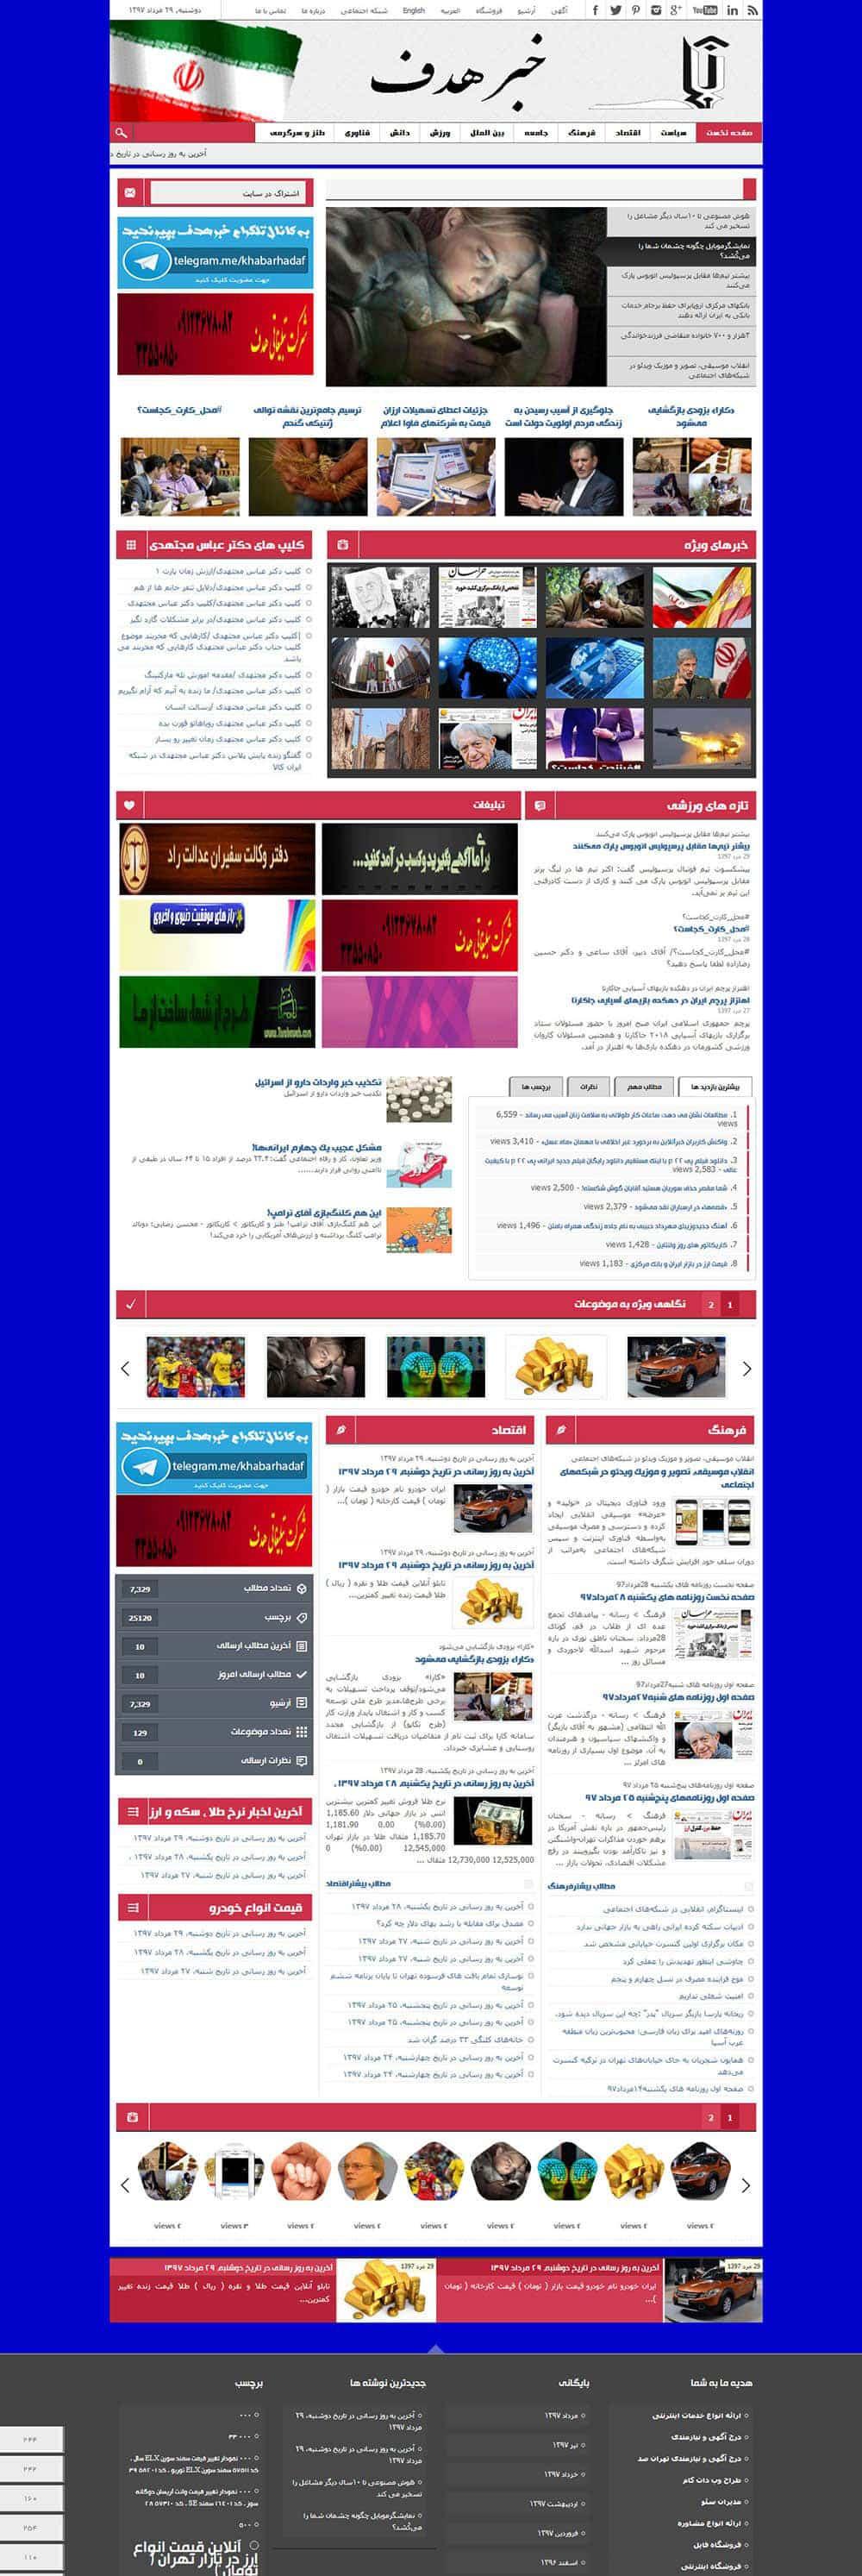 طراحی سایت خبر هدف